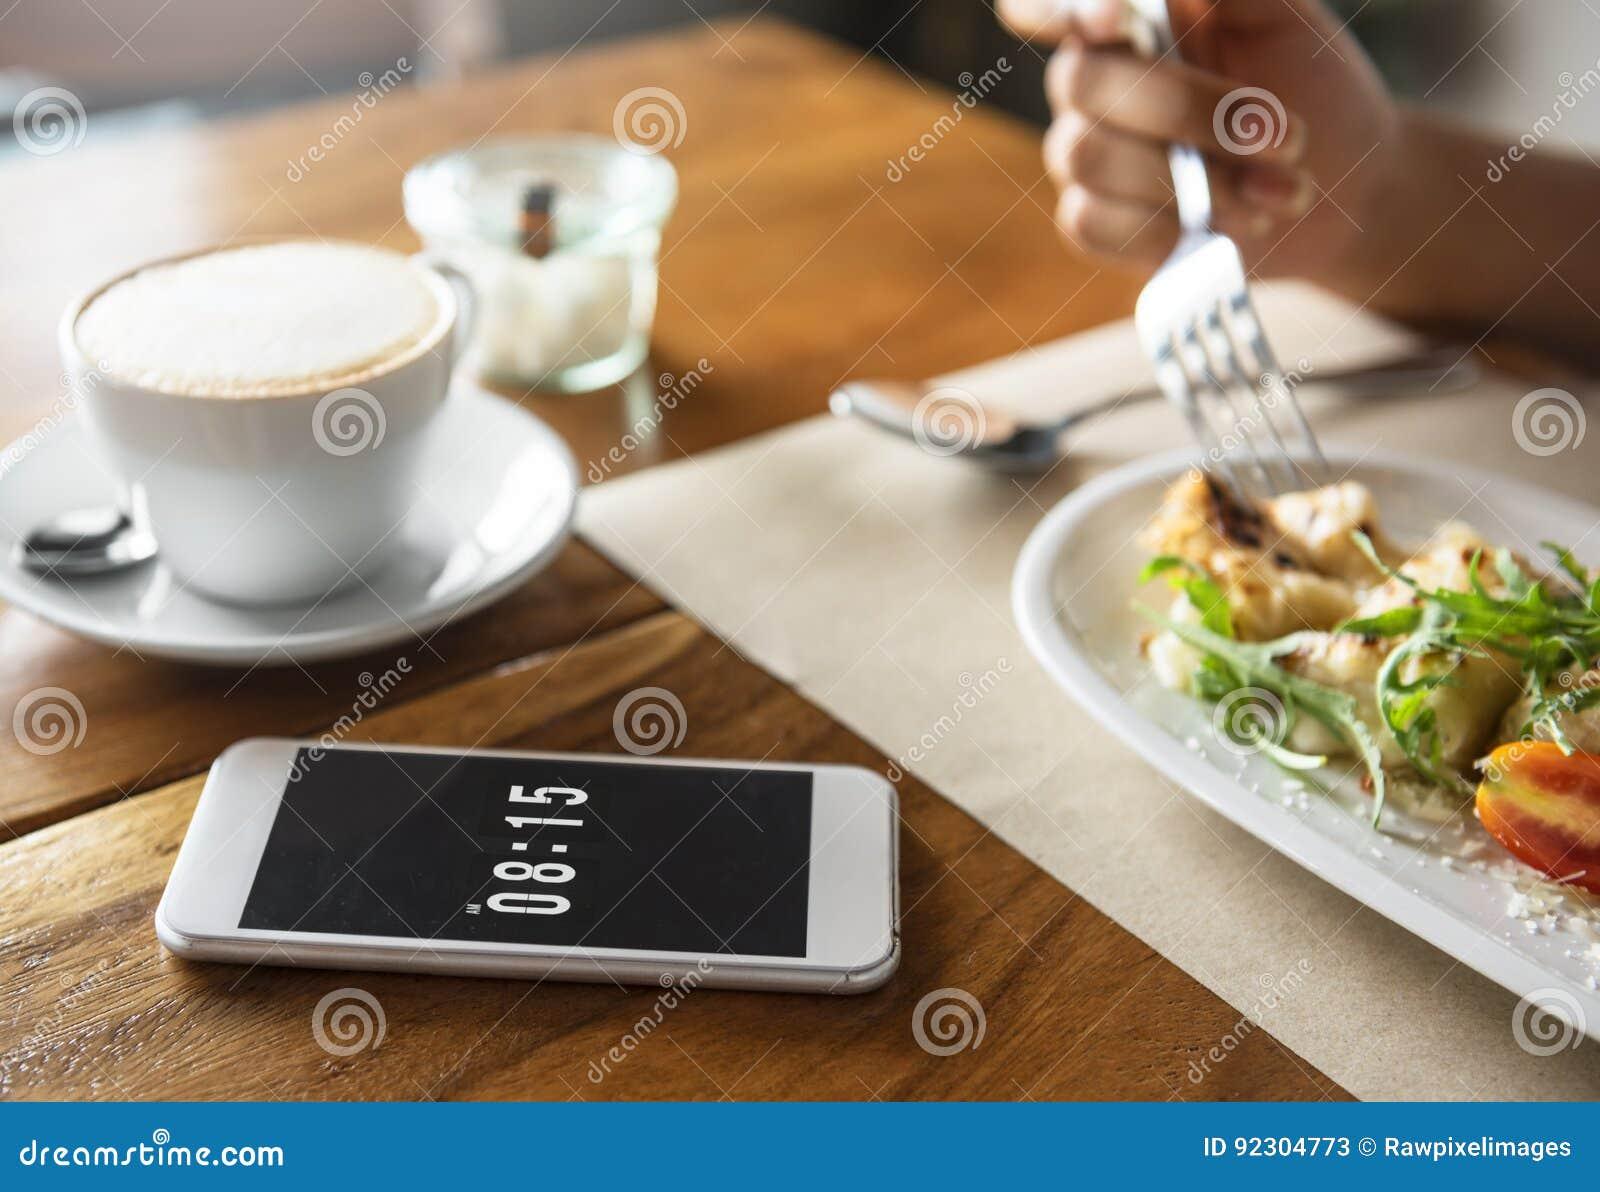 Lebensmittel-Verpflegung, Die Das Handy-Café-Restaurant